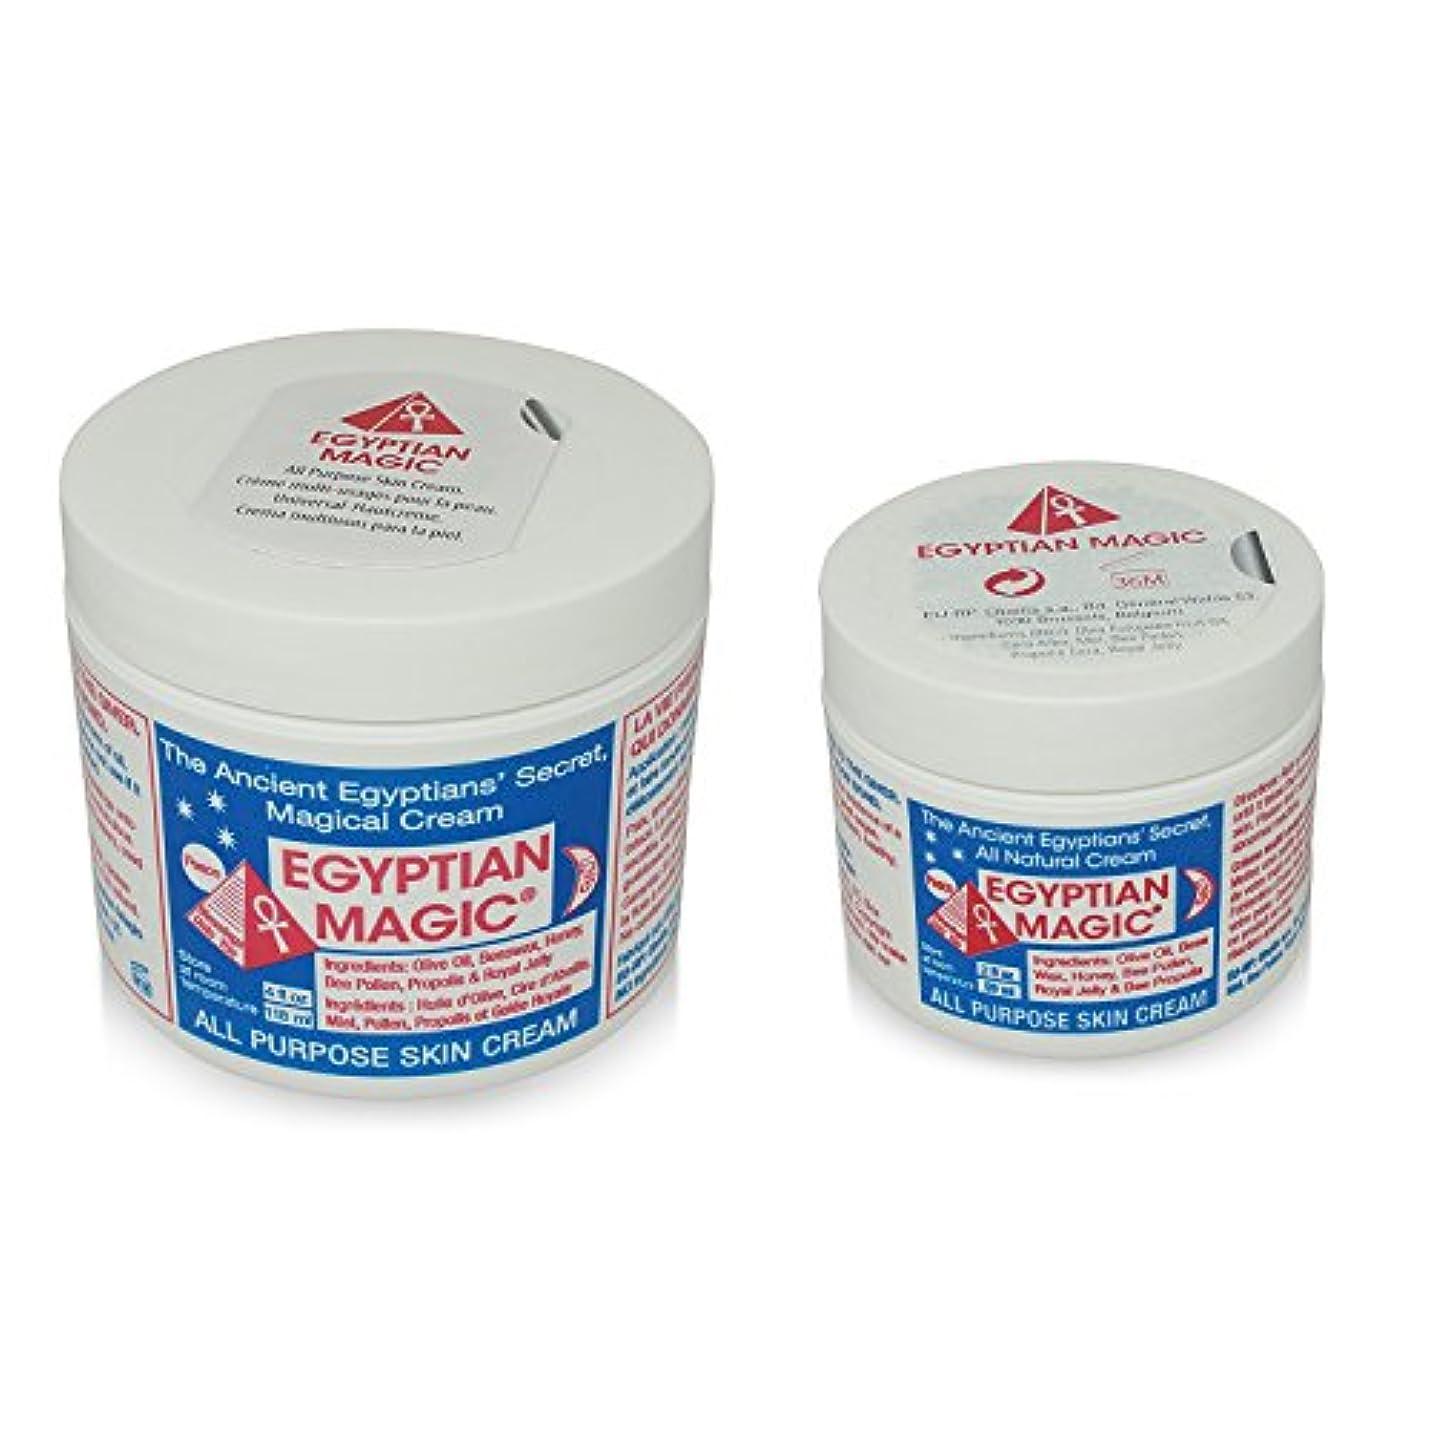 酸素チャームいたずらなEgyptian Magic Skin Cream エジプシャンマジッククリーム  (118ml)と(59ml)の2個セット